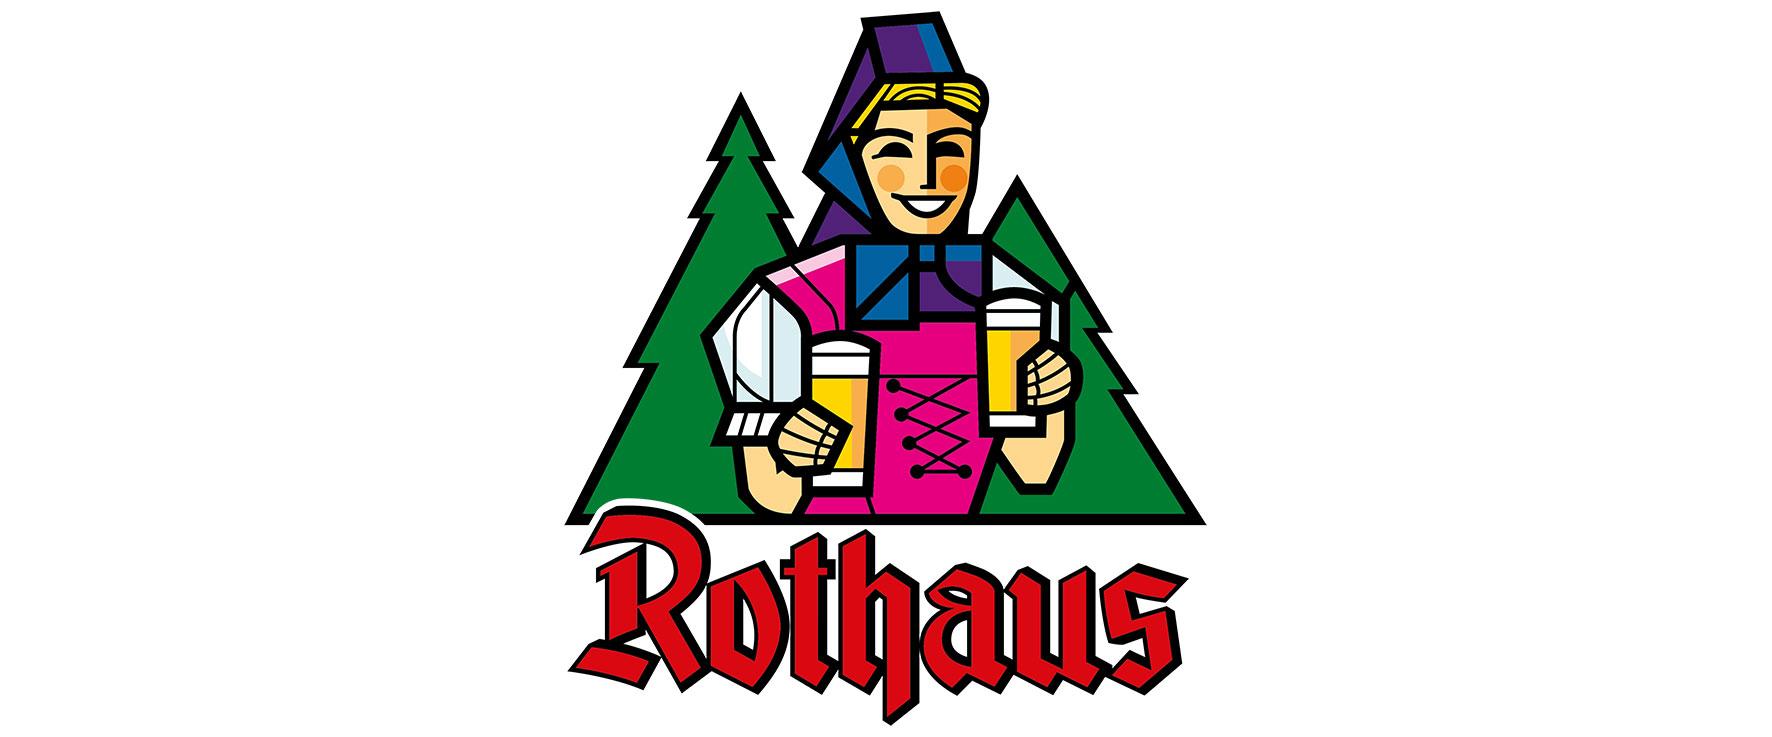 Sponsoren-Logos_Rothaus_1